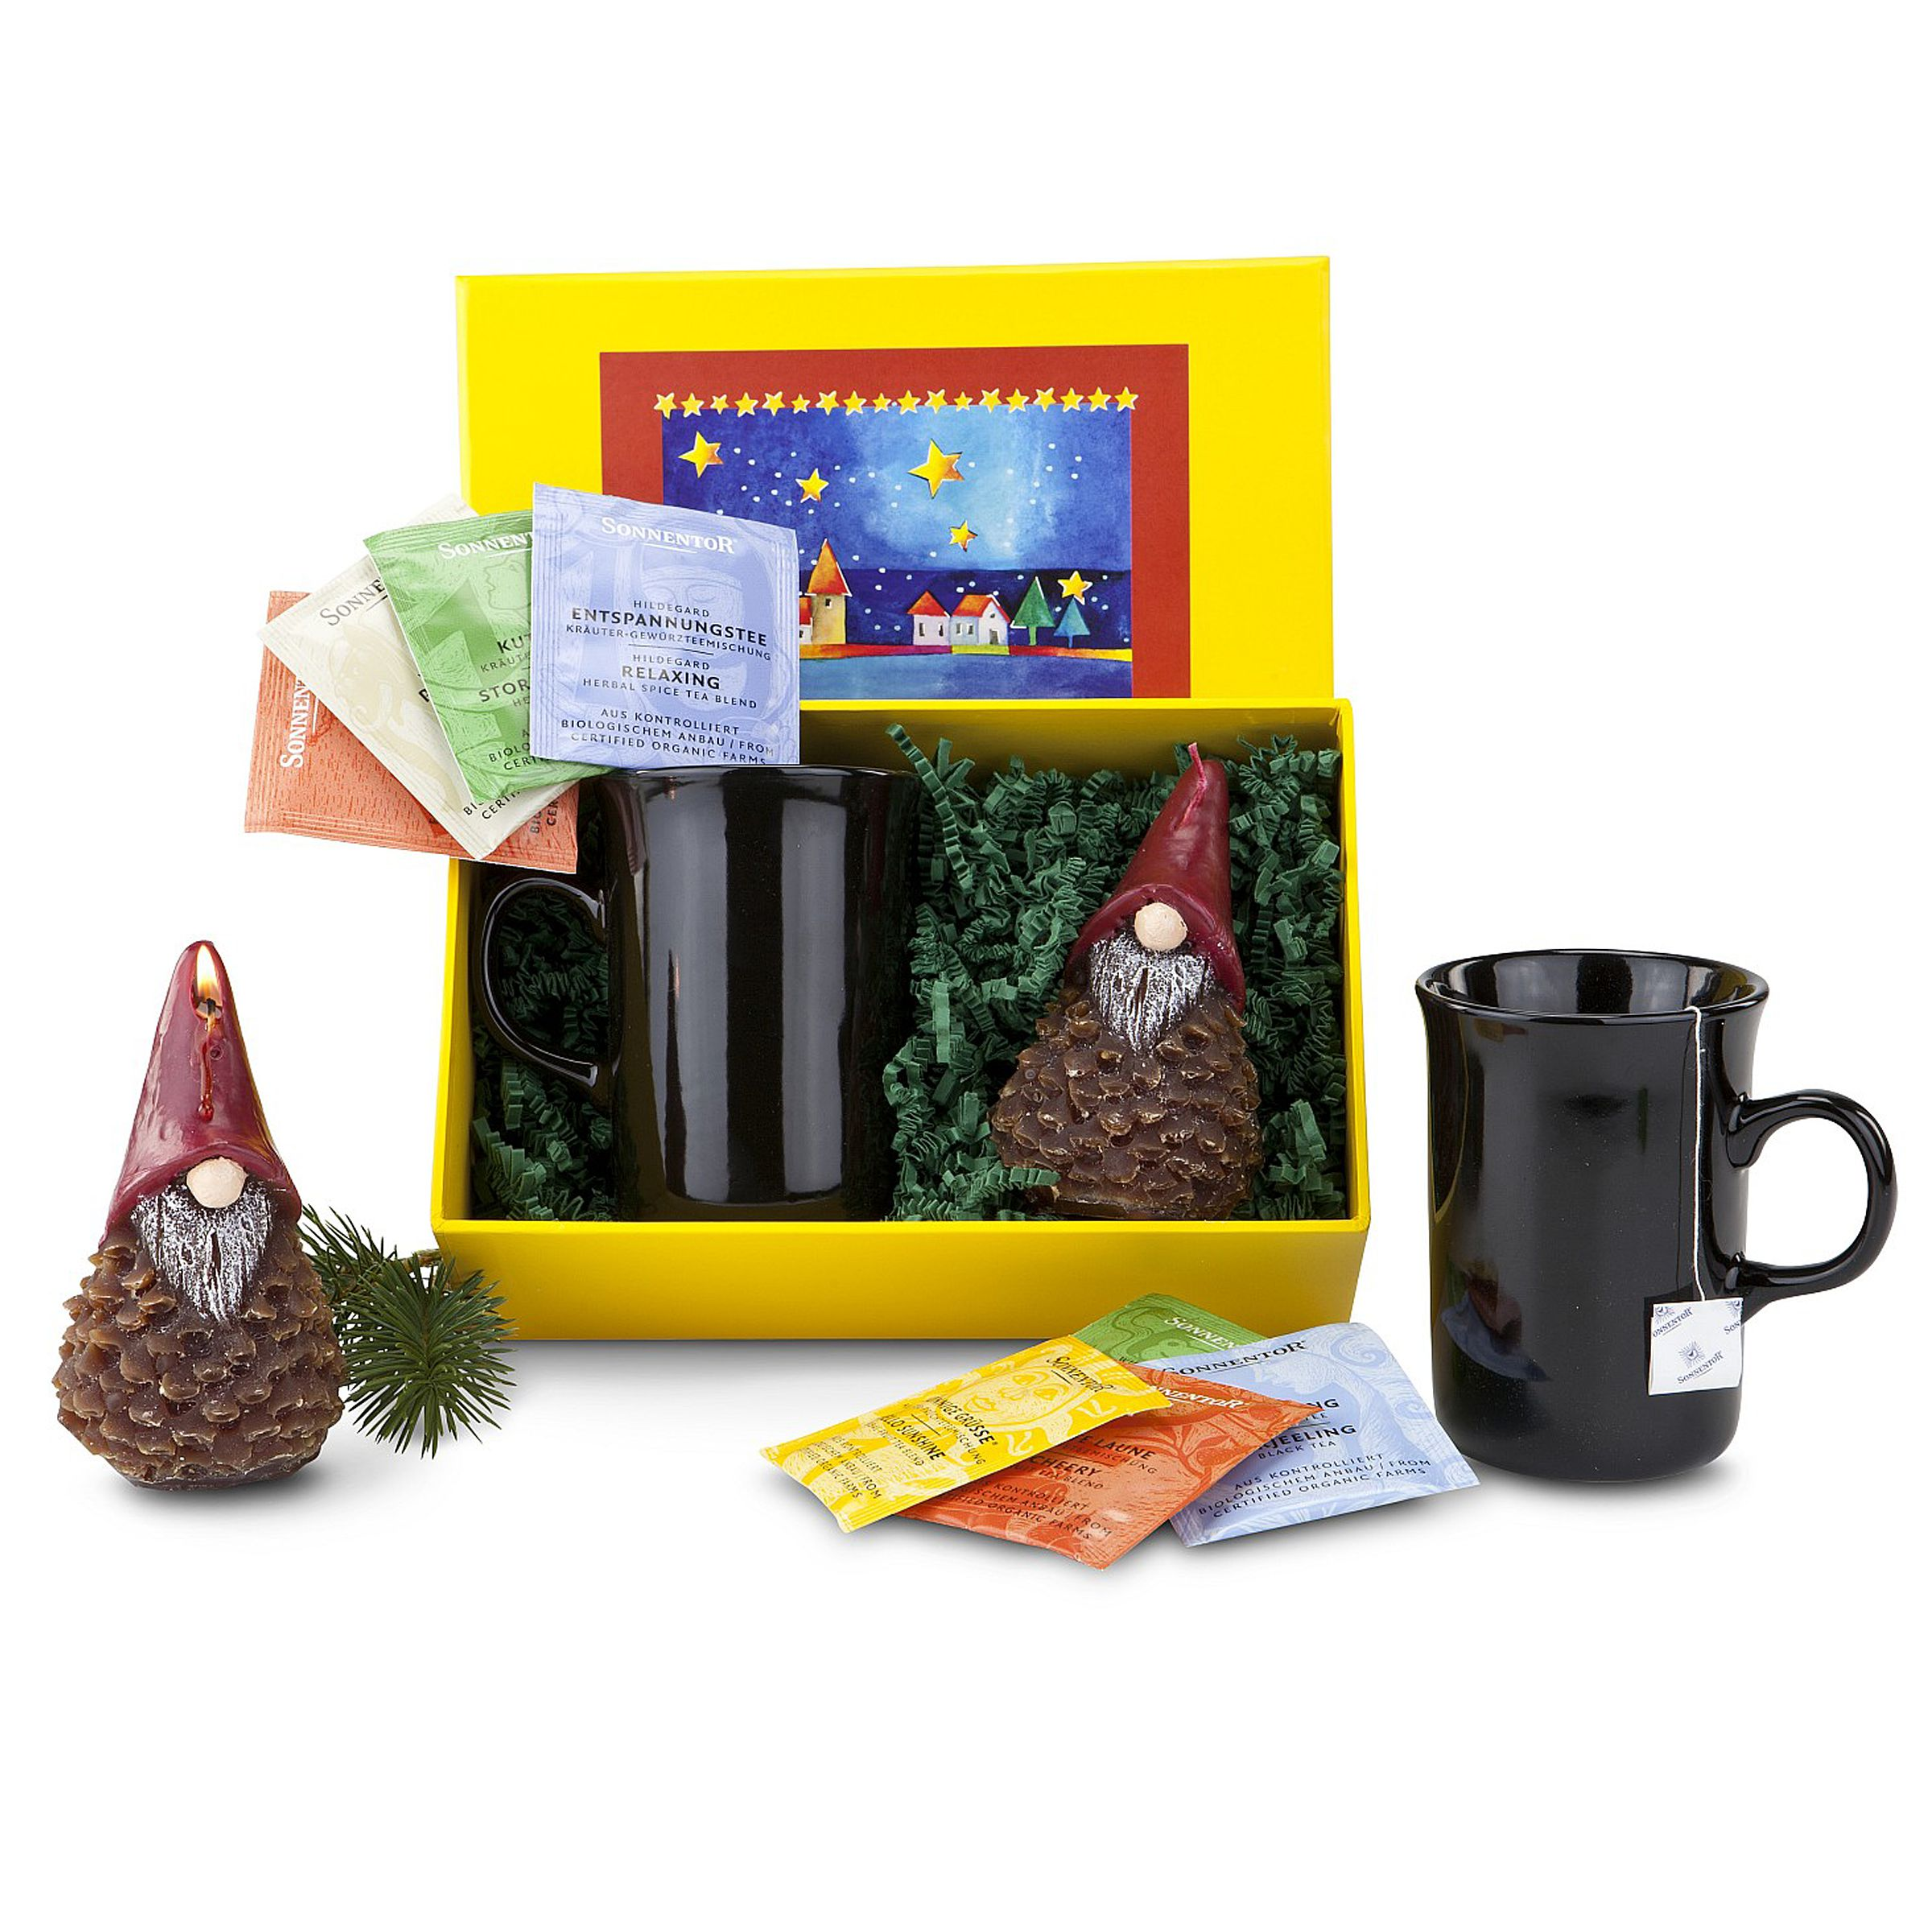 Wunderbar Einfallsreiche Geschenke Dekoration Von Teebecher